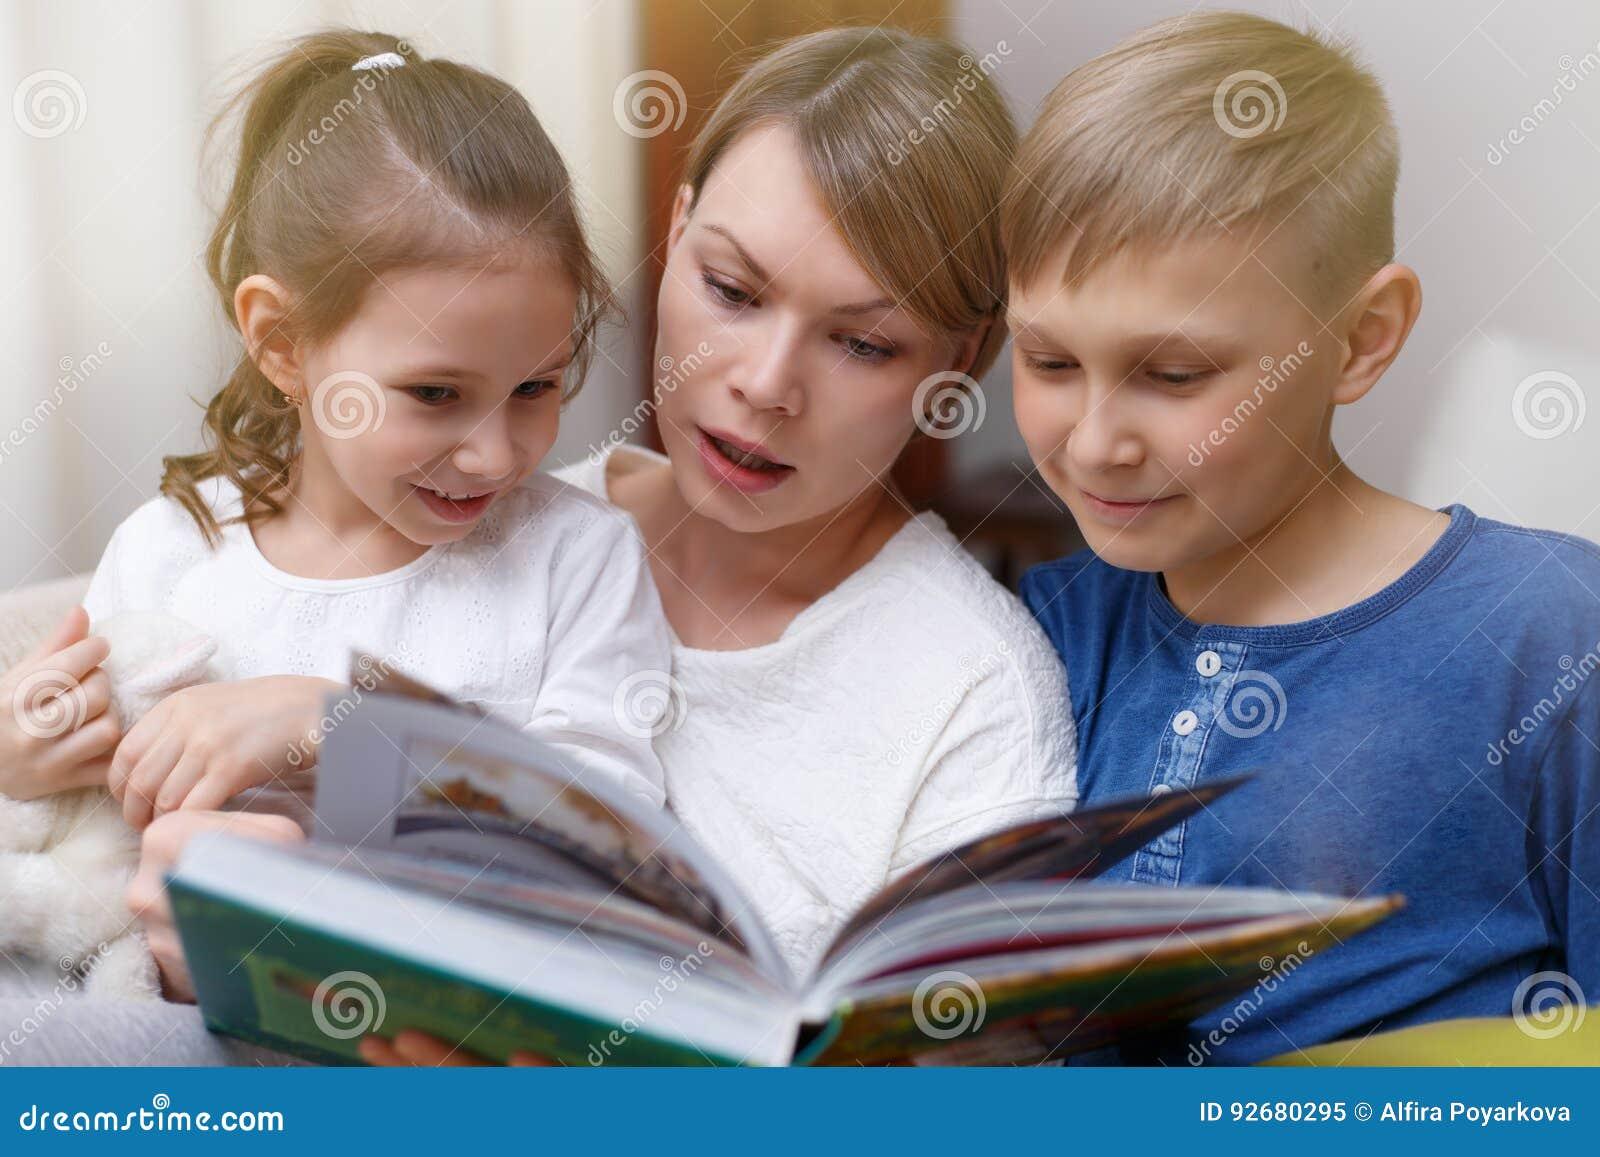 Η όμορφη μητέρα διαβάζει ένα βιβλίο στα μικρά παιδιά της Η αδελφή και ο αδελφός ακούνε μια ιστορία